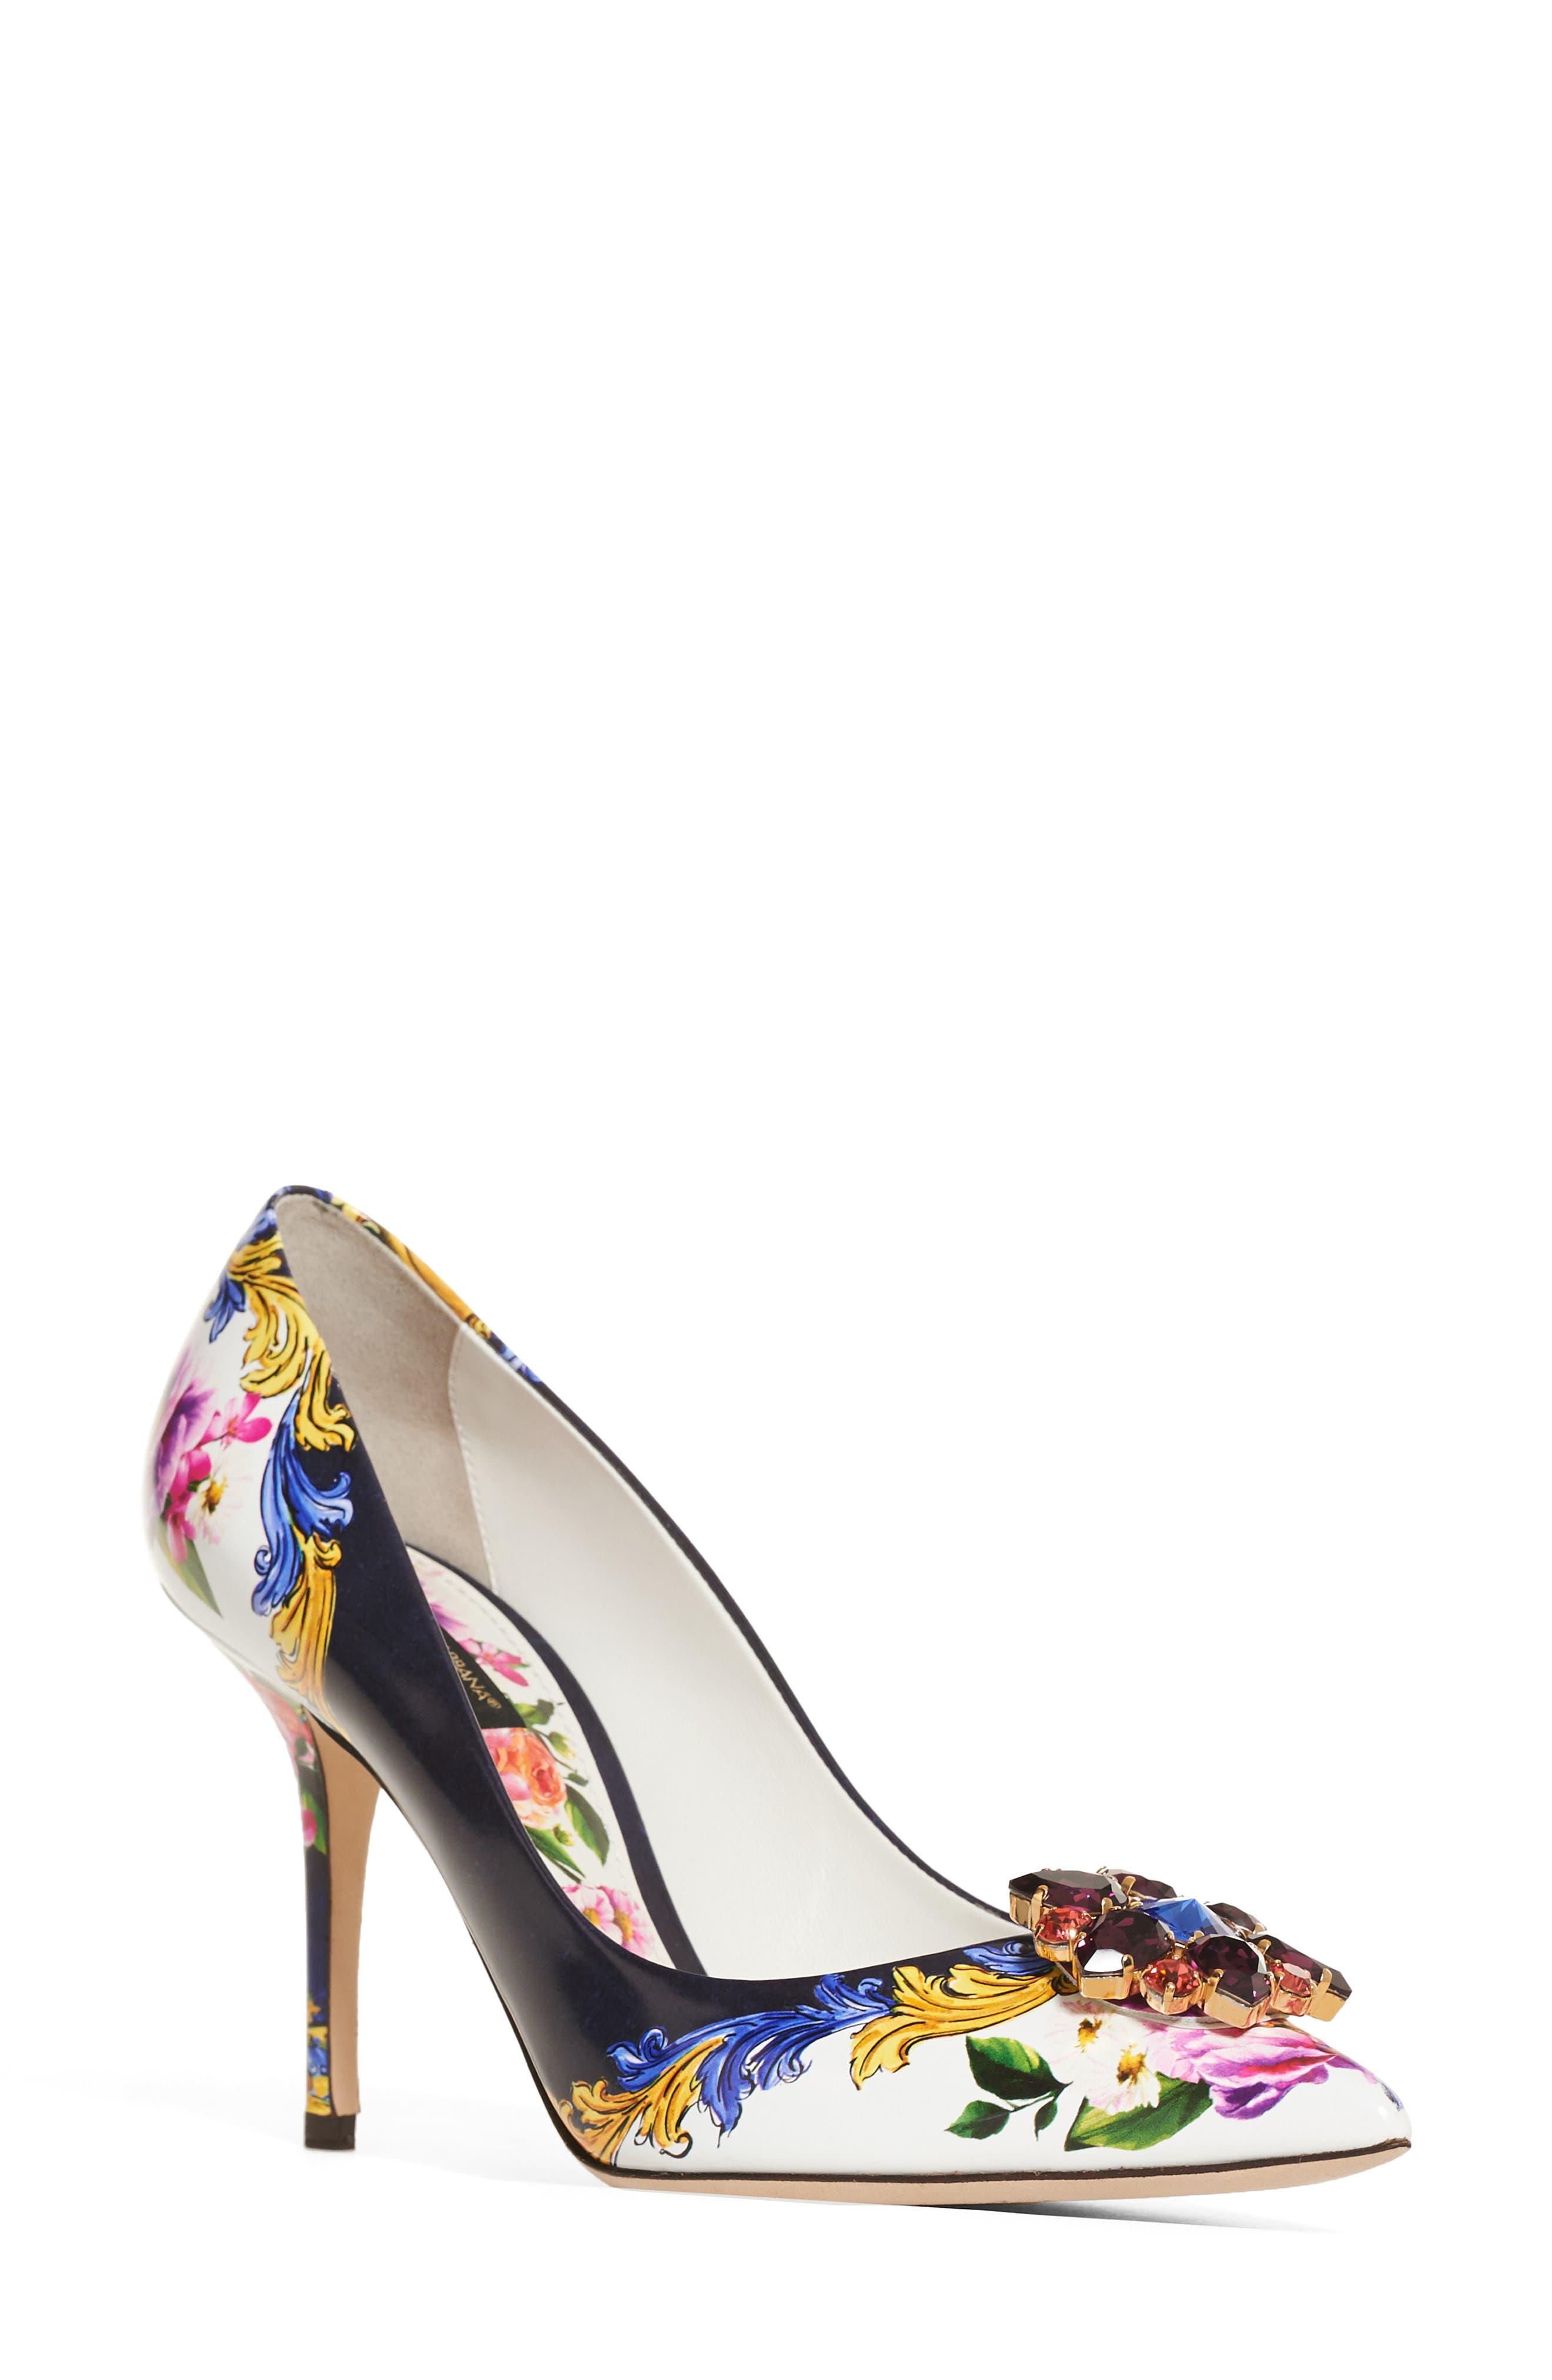 DOLCE&GABBANA Dolce & Gabbana Print Pump